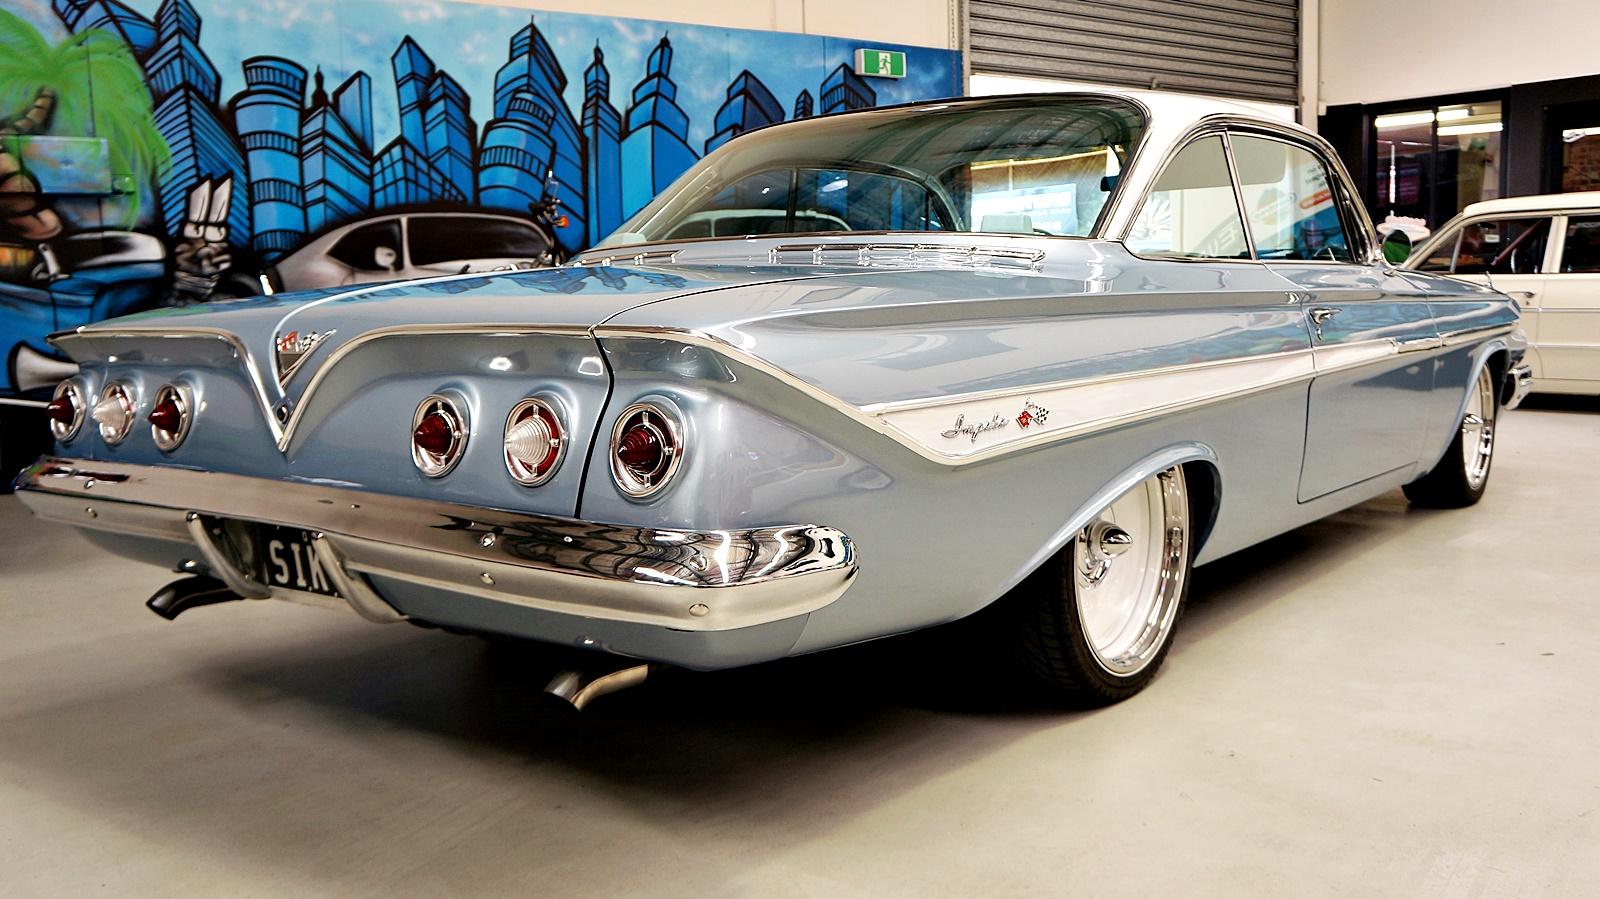 Bubble Top Impala For Sale1961 Chevrolet Ls Swap 1961 Sold Chevy Seven82motors